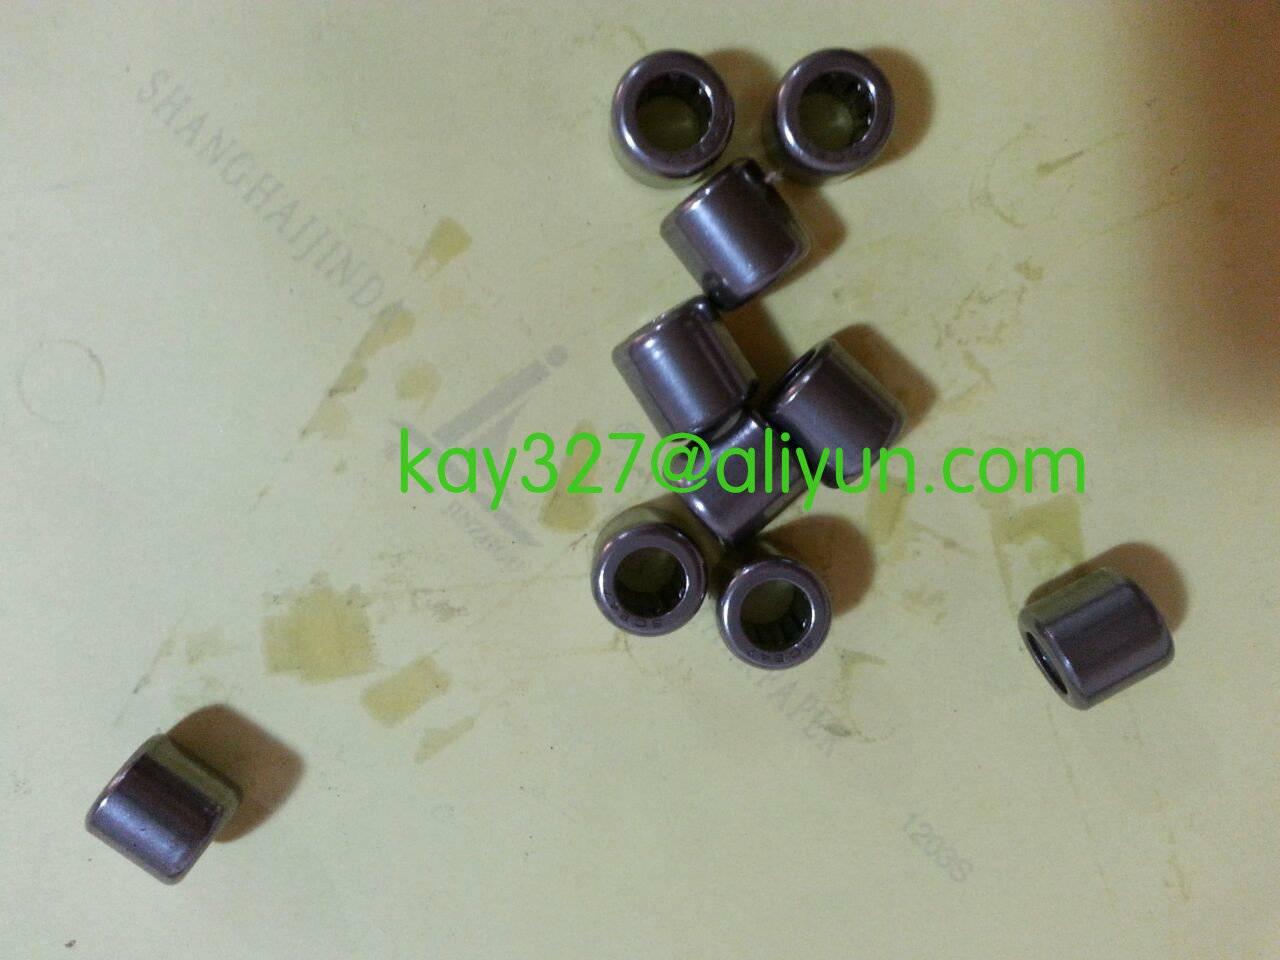 SCE47 needle roller bearing useful motorcycle